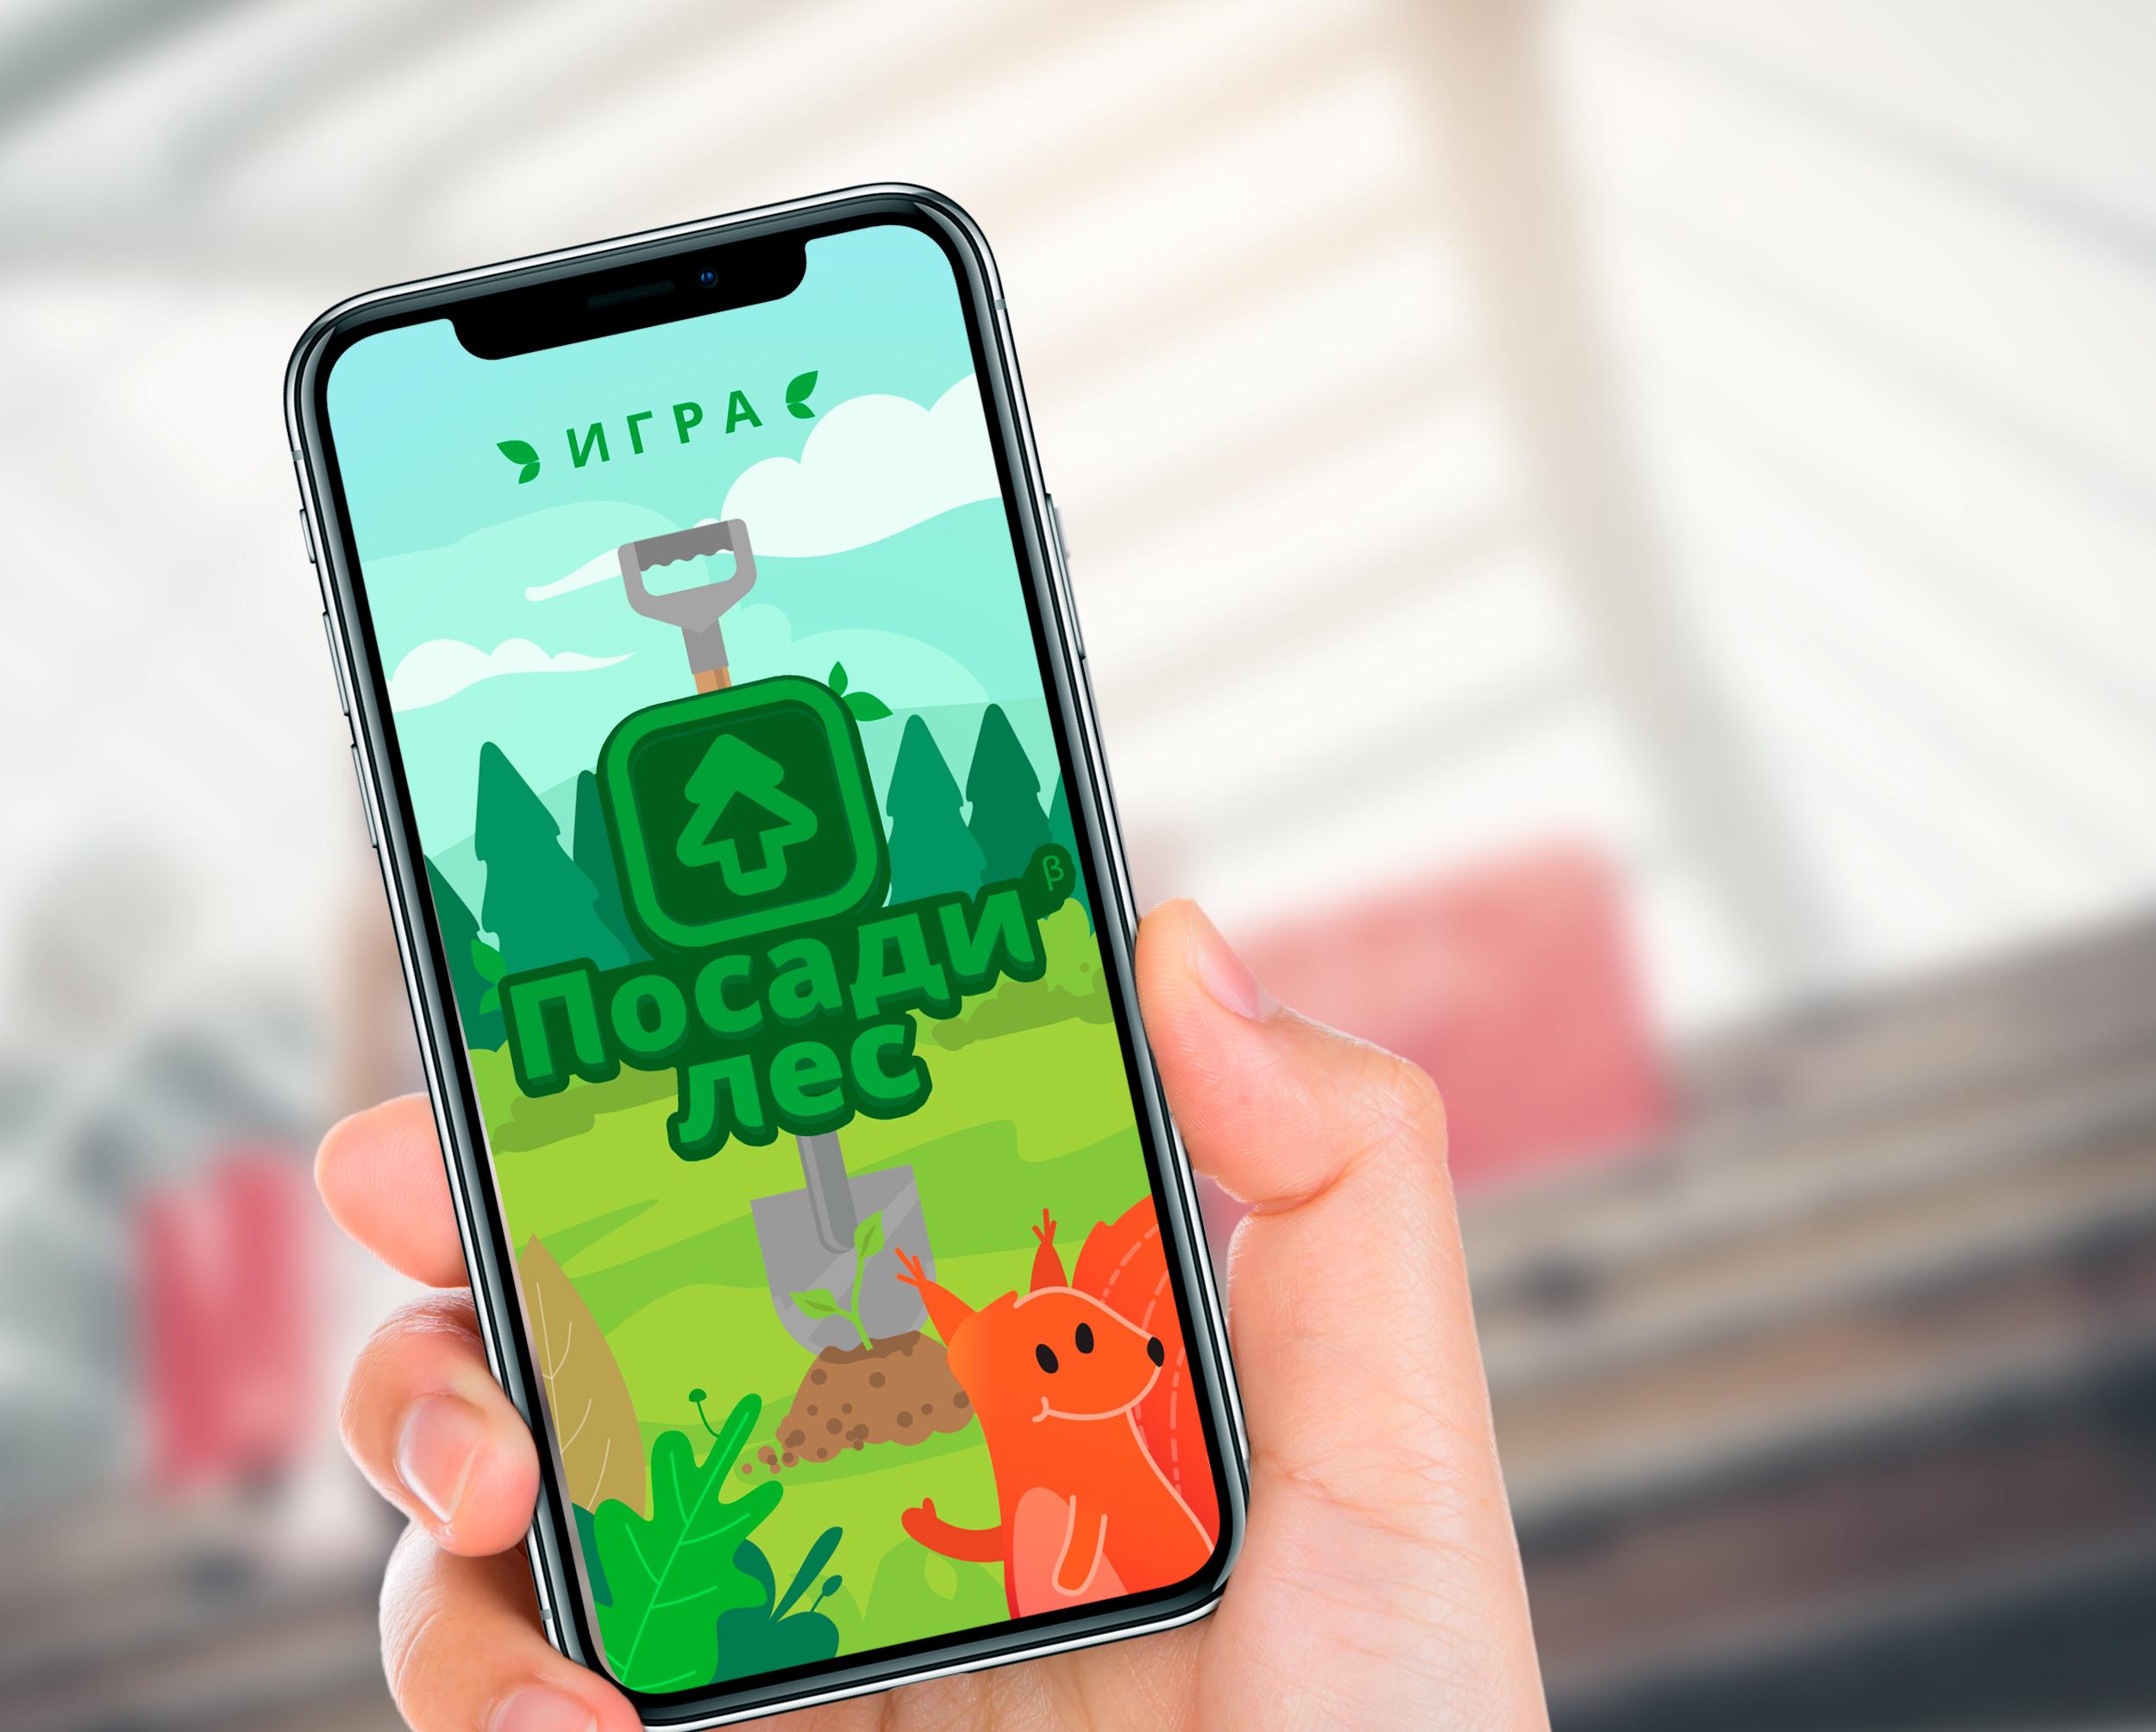 Мобильная экоигра «Посади лес» выиграла грант Всемирной выставки Expo 2020 Dubai